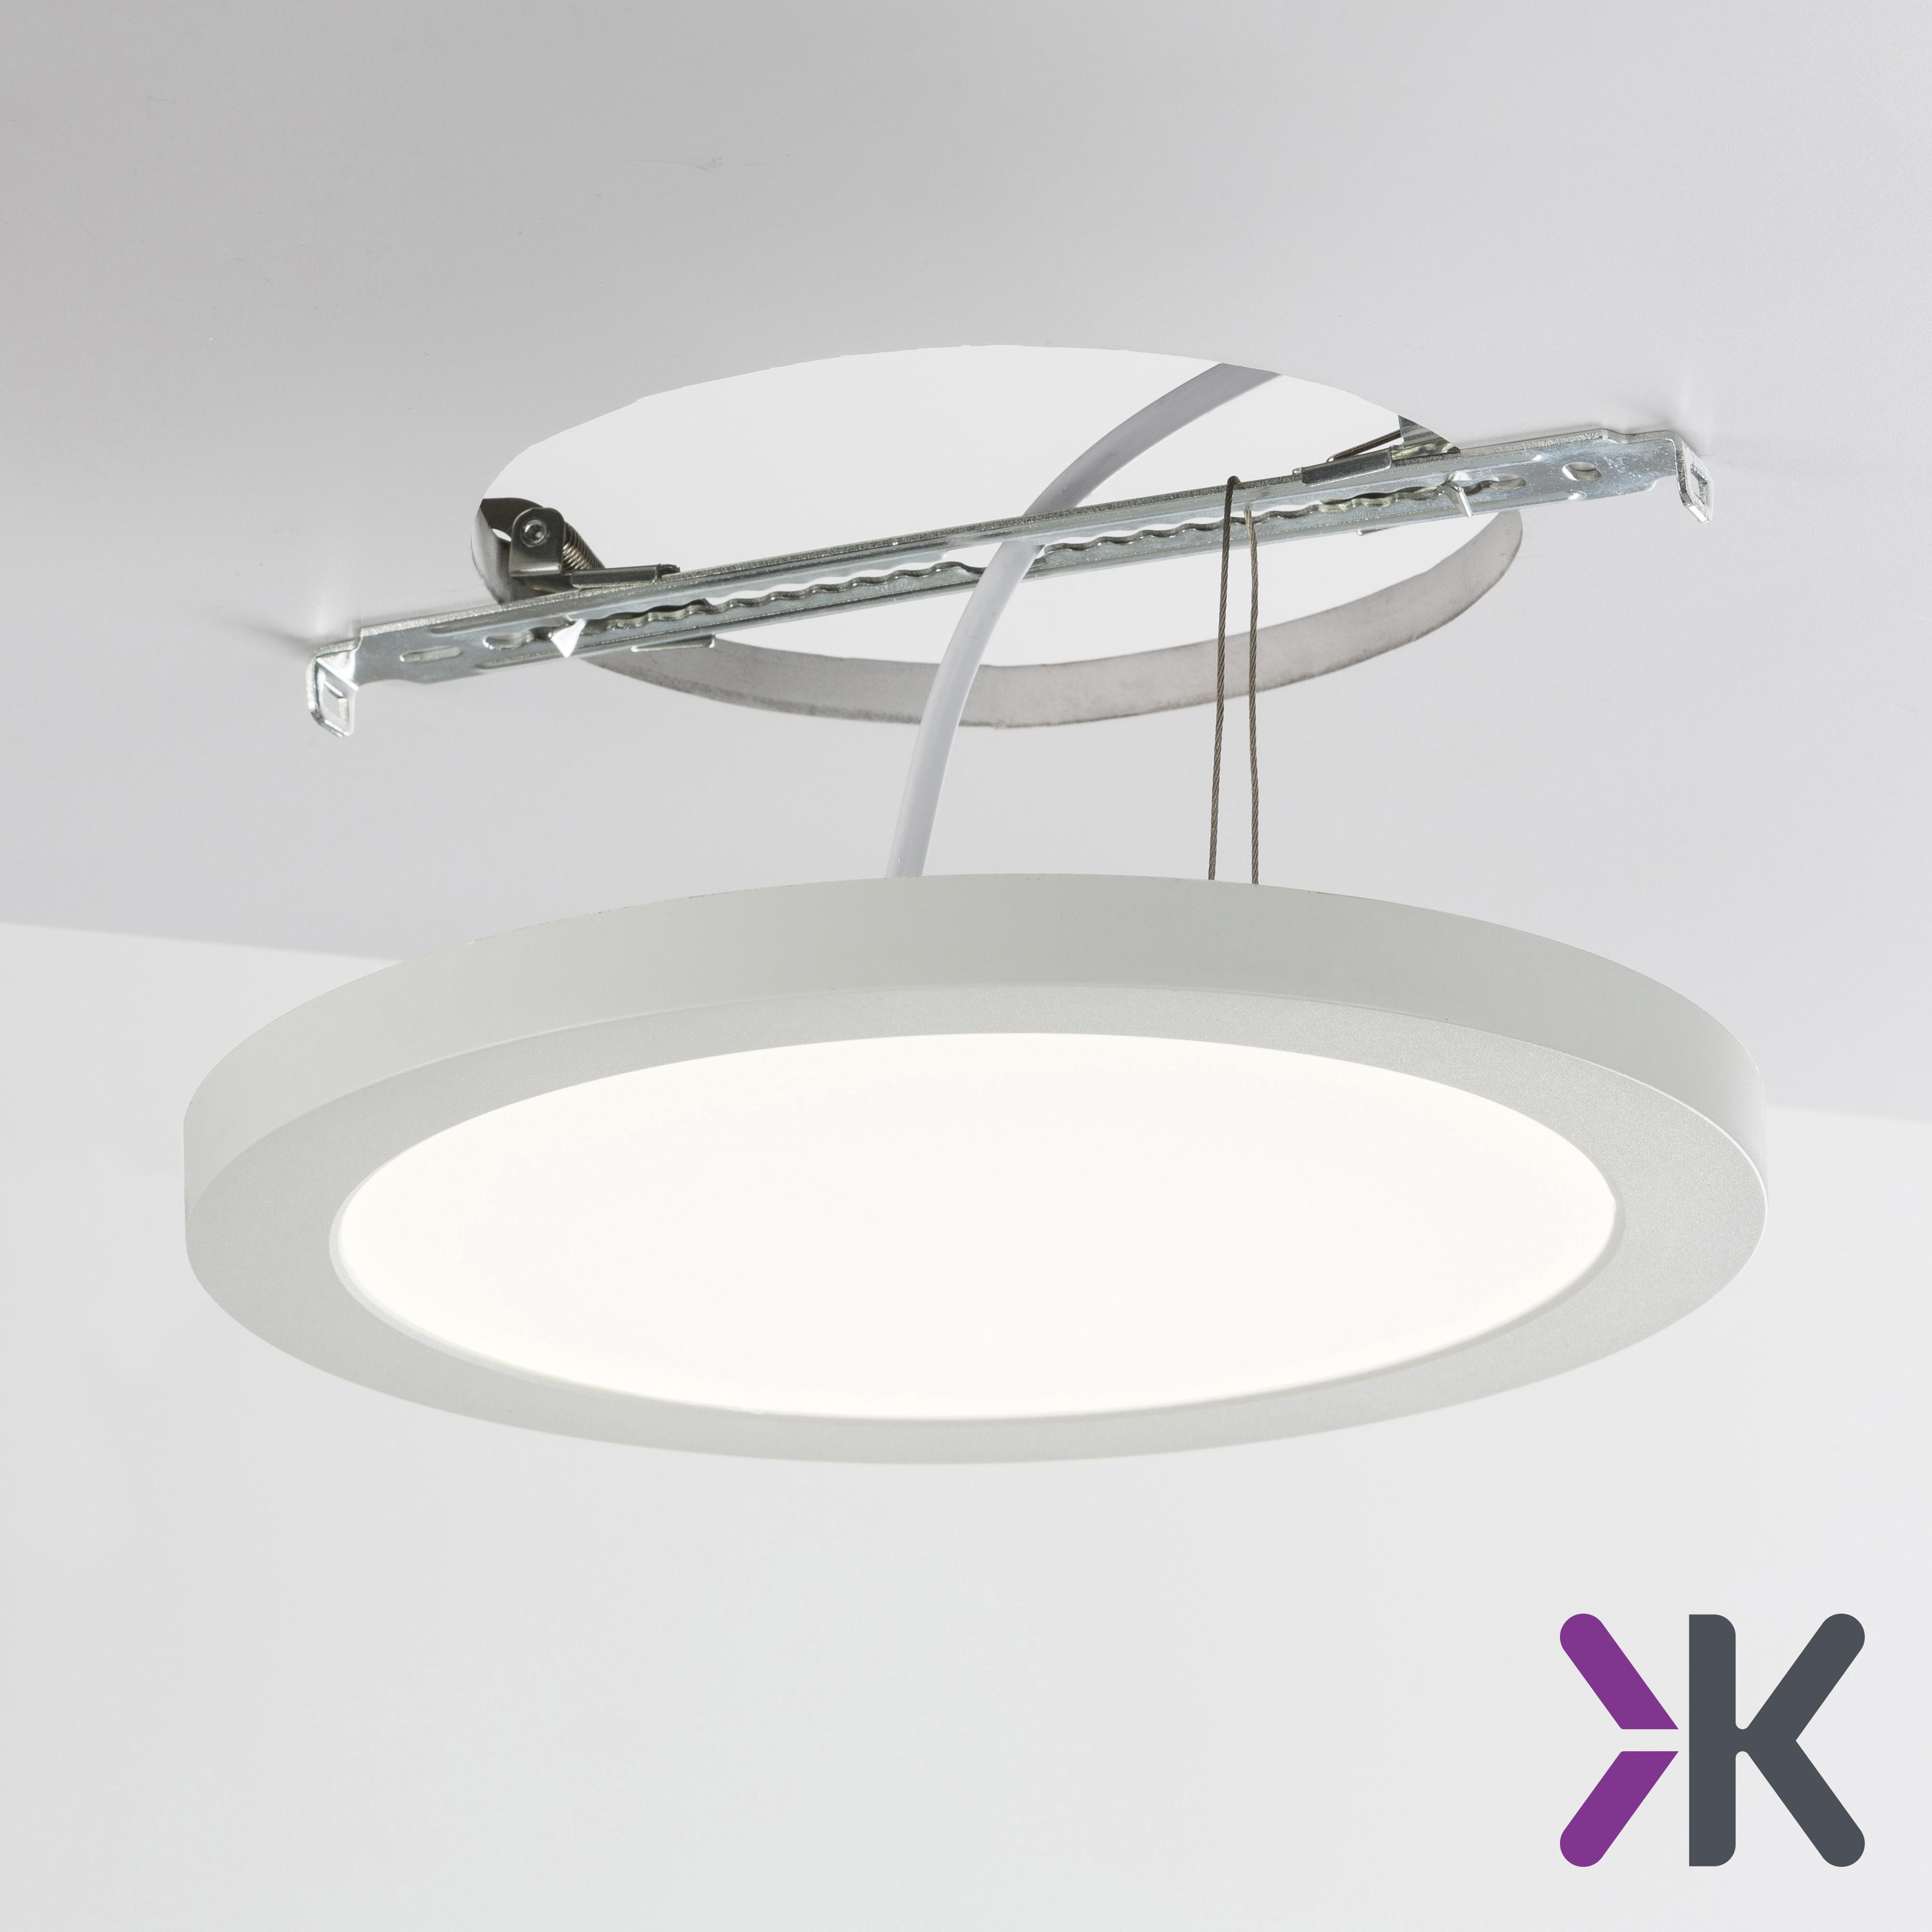 Knightsbridge launches LED panel